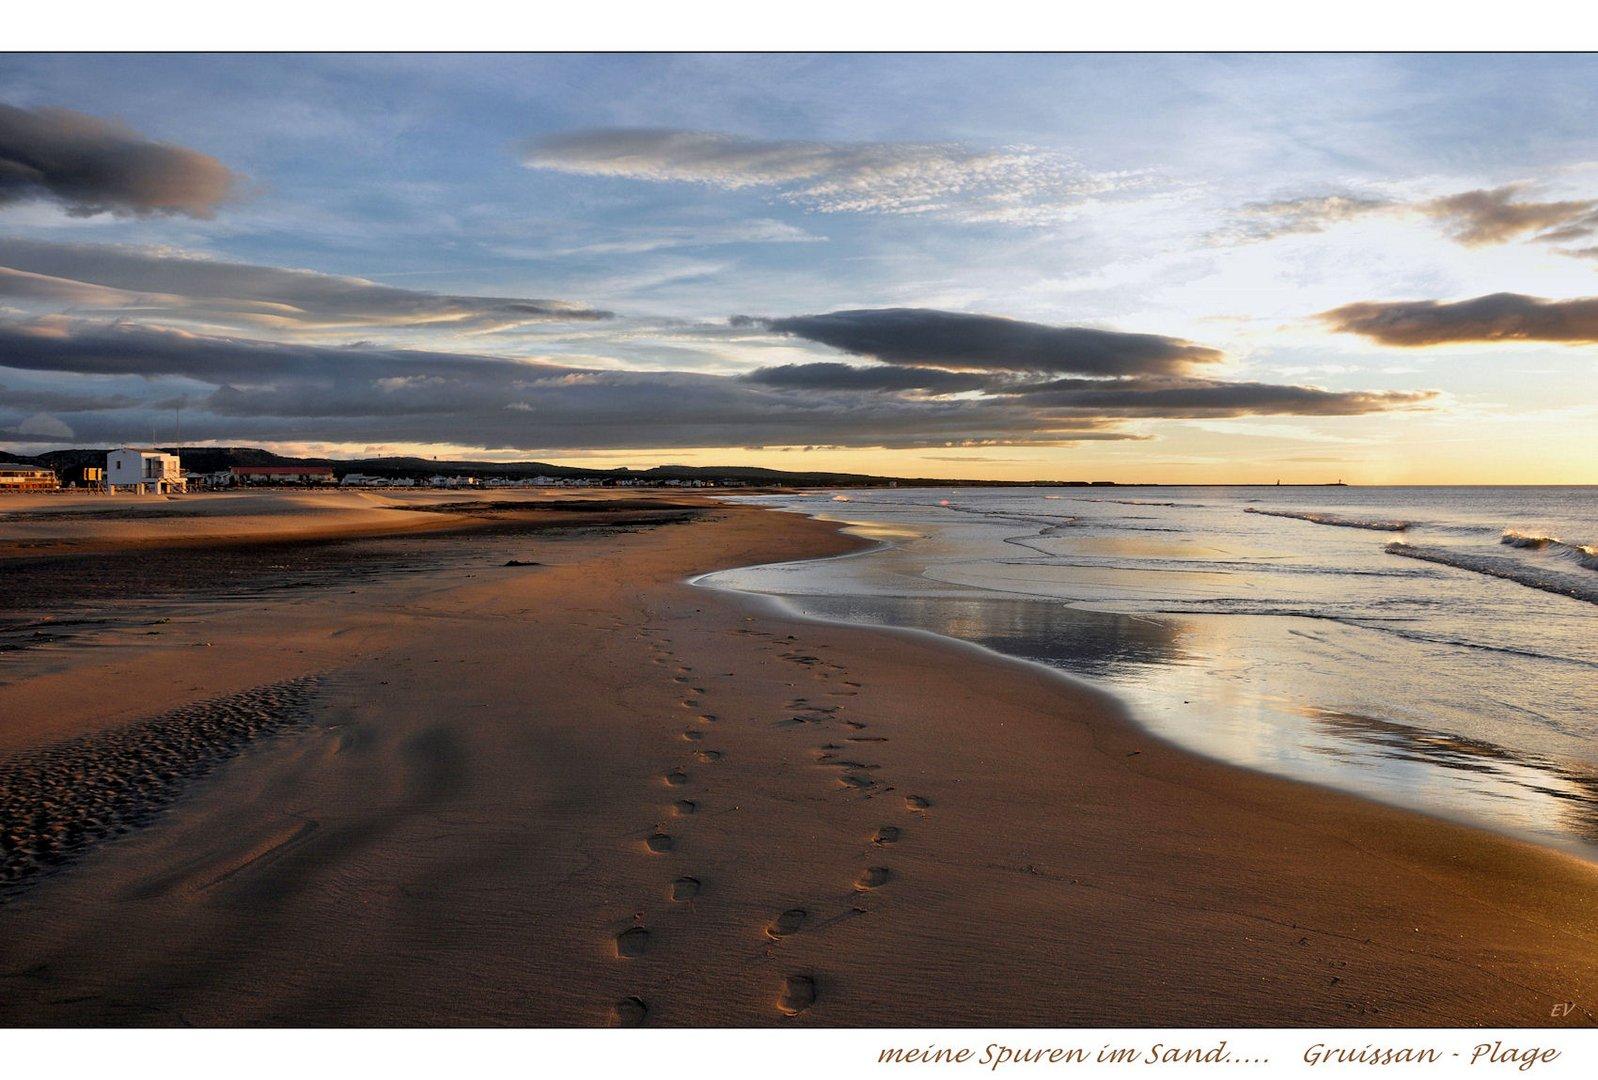 # meine Spuren im Sand -2-